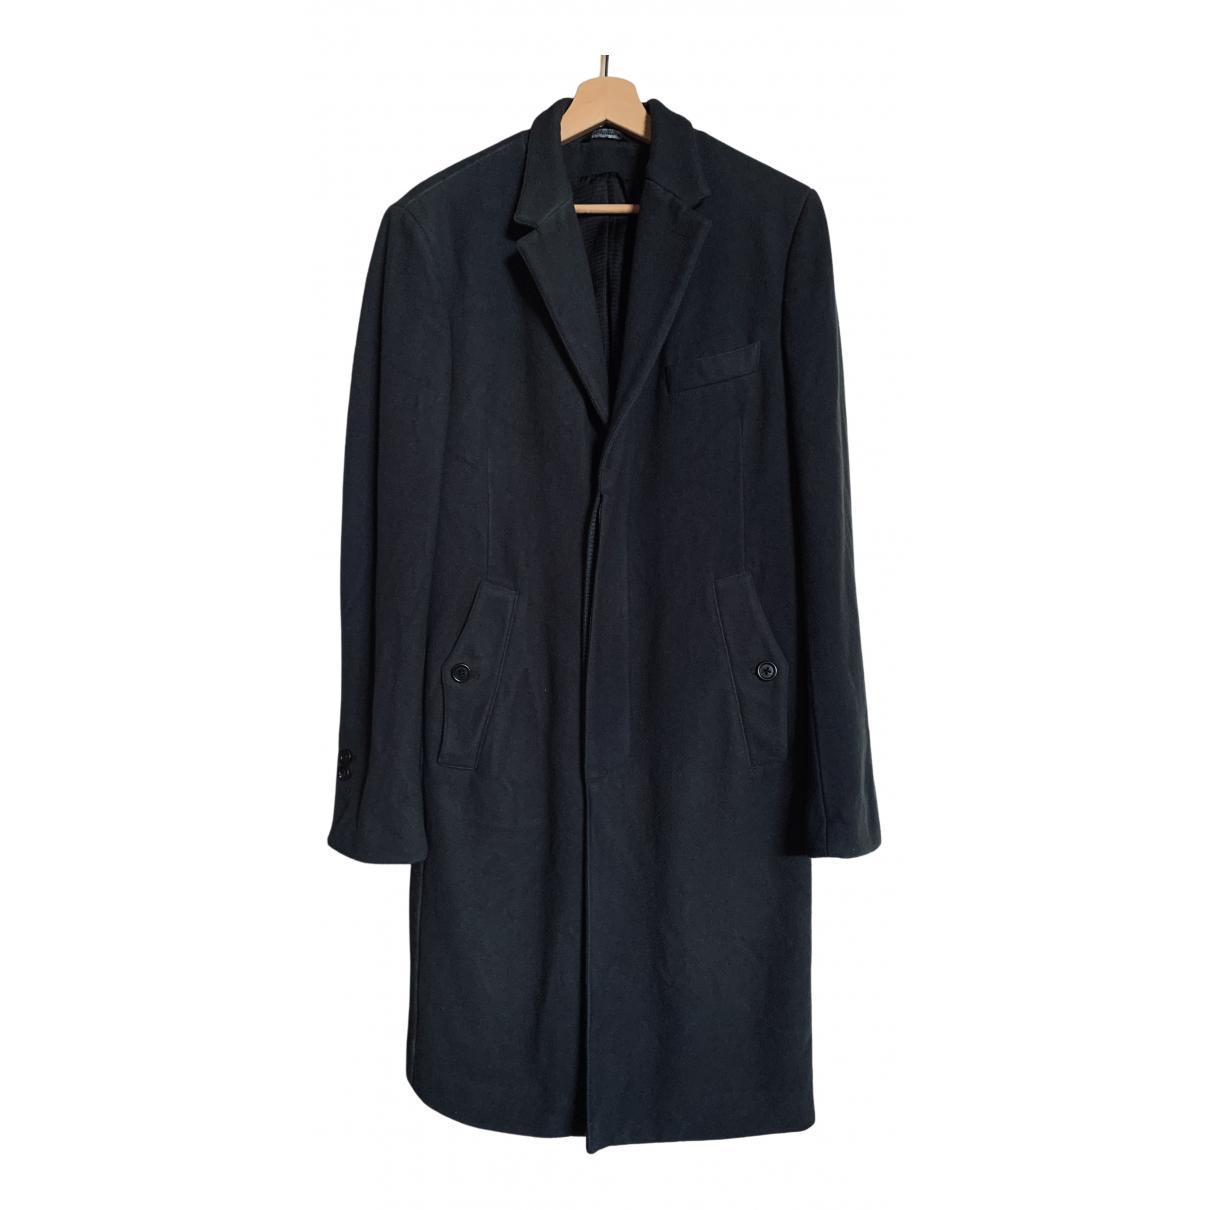 Dolce & Gabbana - Manteau   pour homme en laine - kaki